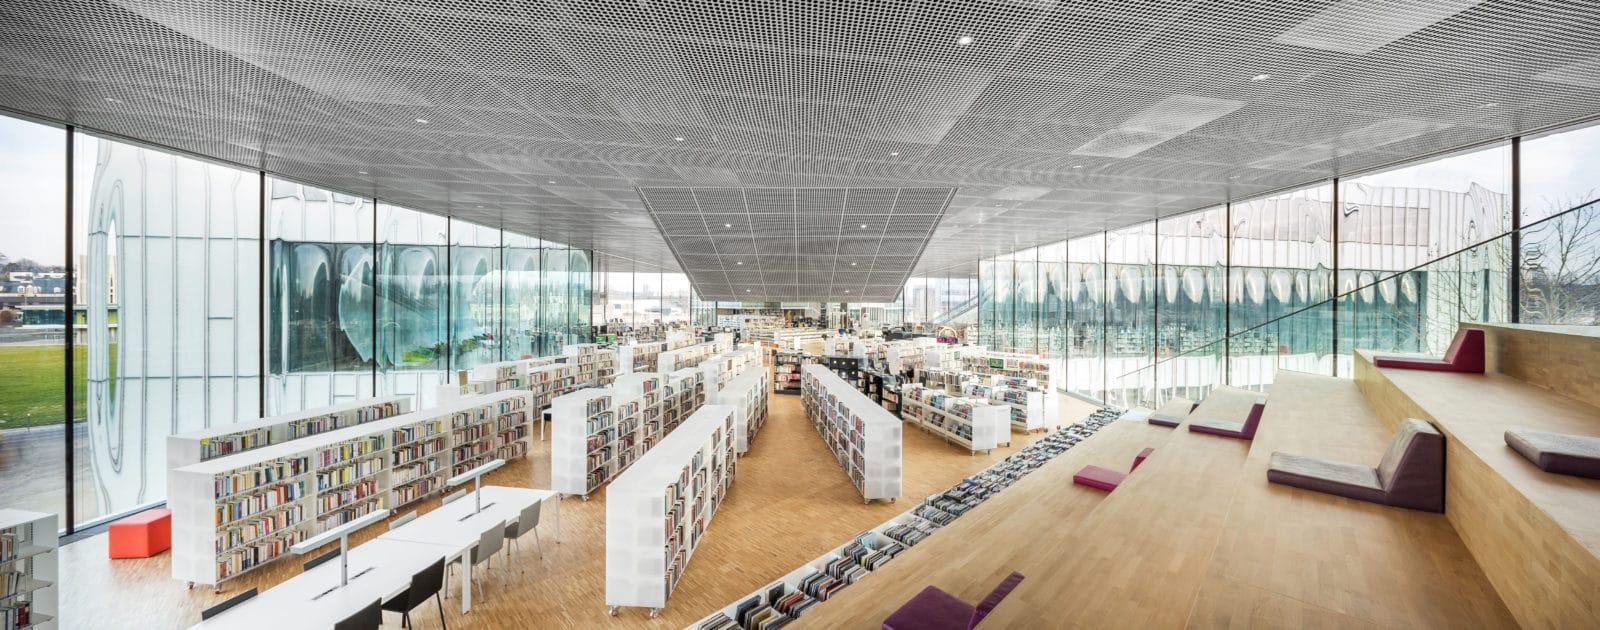 01_Bibliothèque Alexis de Tocqueville_ Photo by Delfino Sisto Legnani and Marco Cappelletti